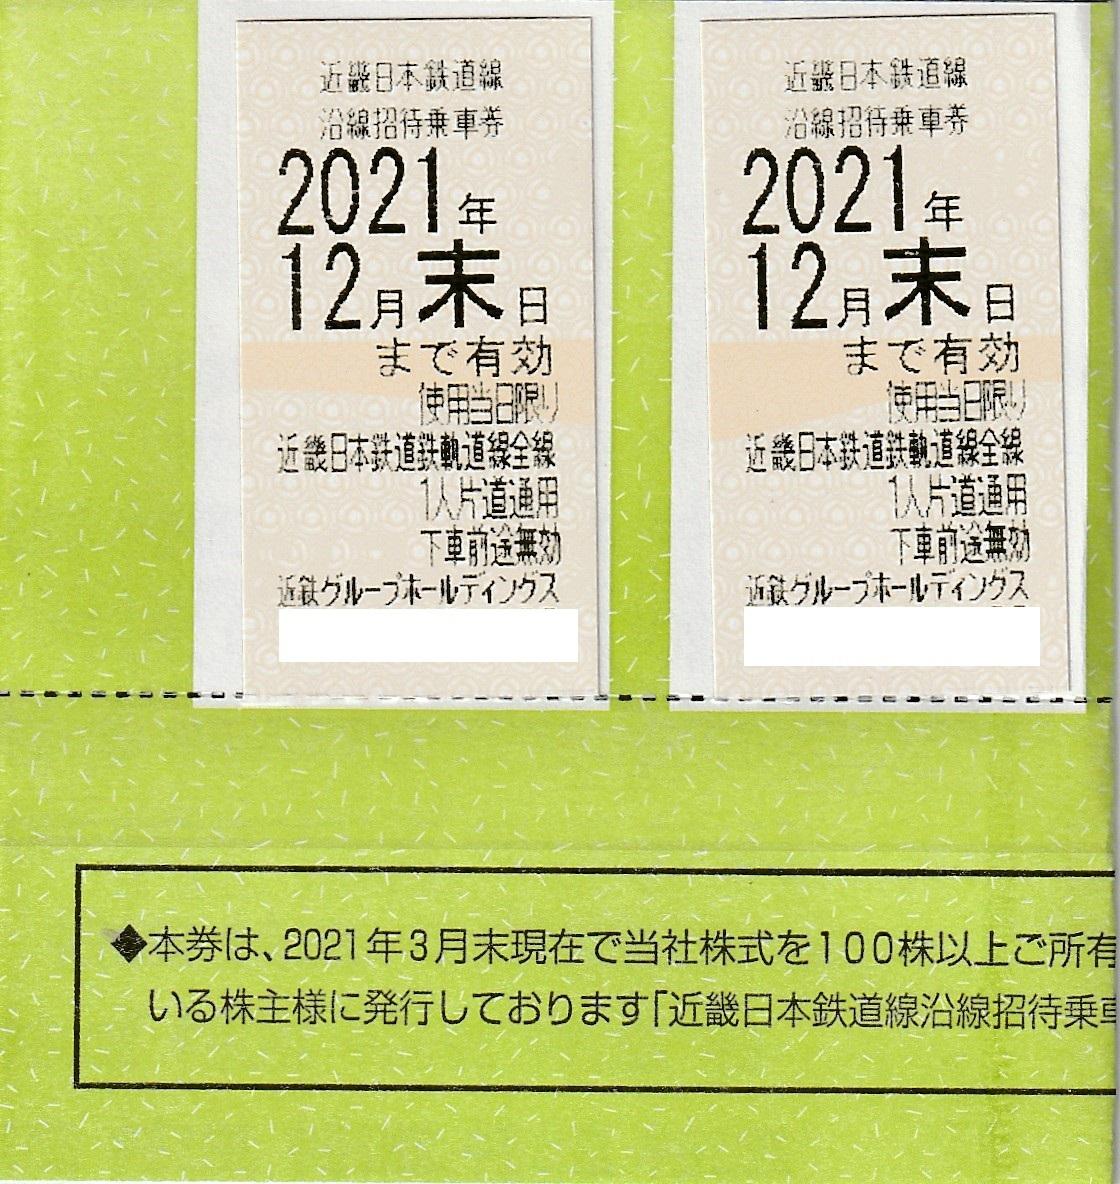 即決可:最新近鉄(近畿日本鉄道)株主優待乗車券(期限2021,12月末)2枚:郵便書簡63円:ゆうパケット210円_画像1